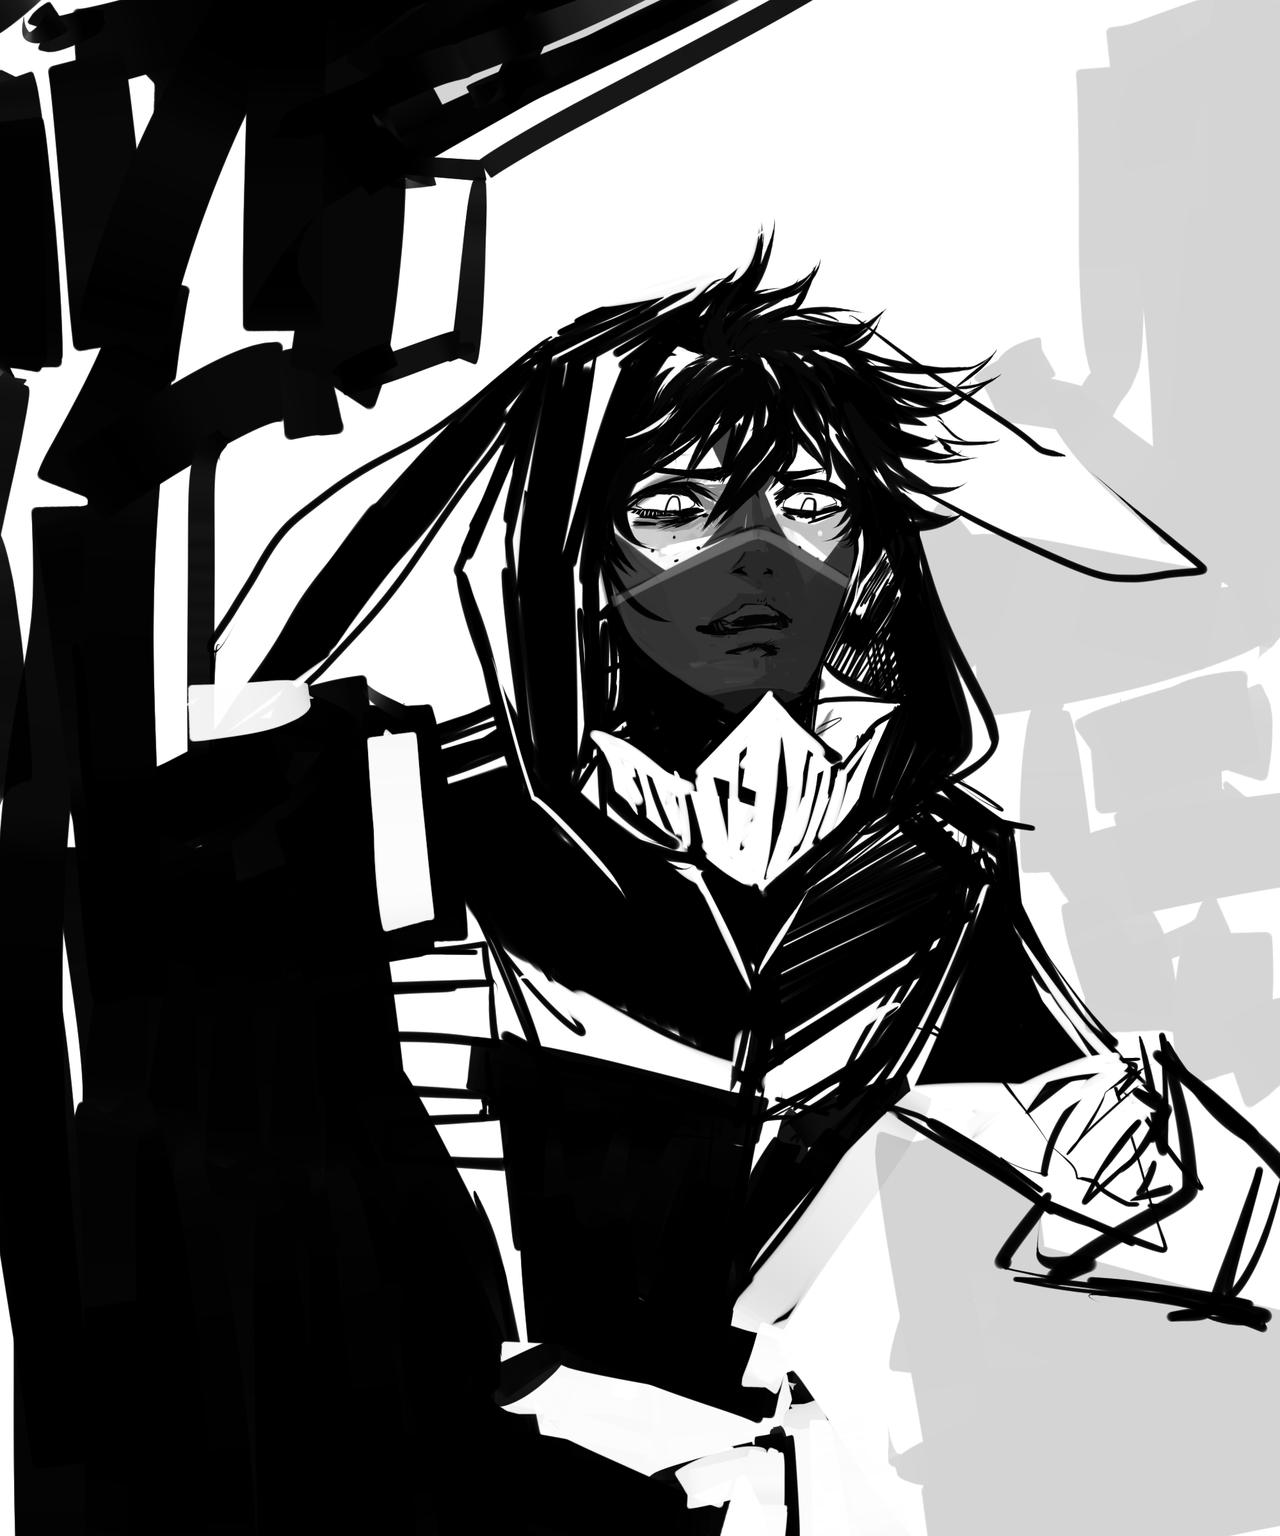 Villain Deku X Reader Angst